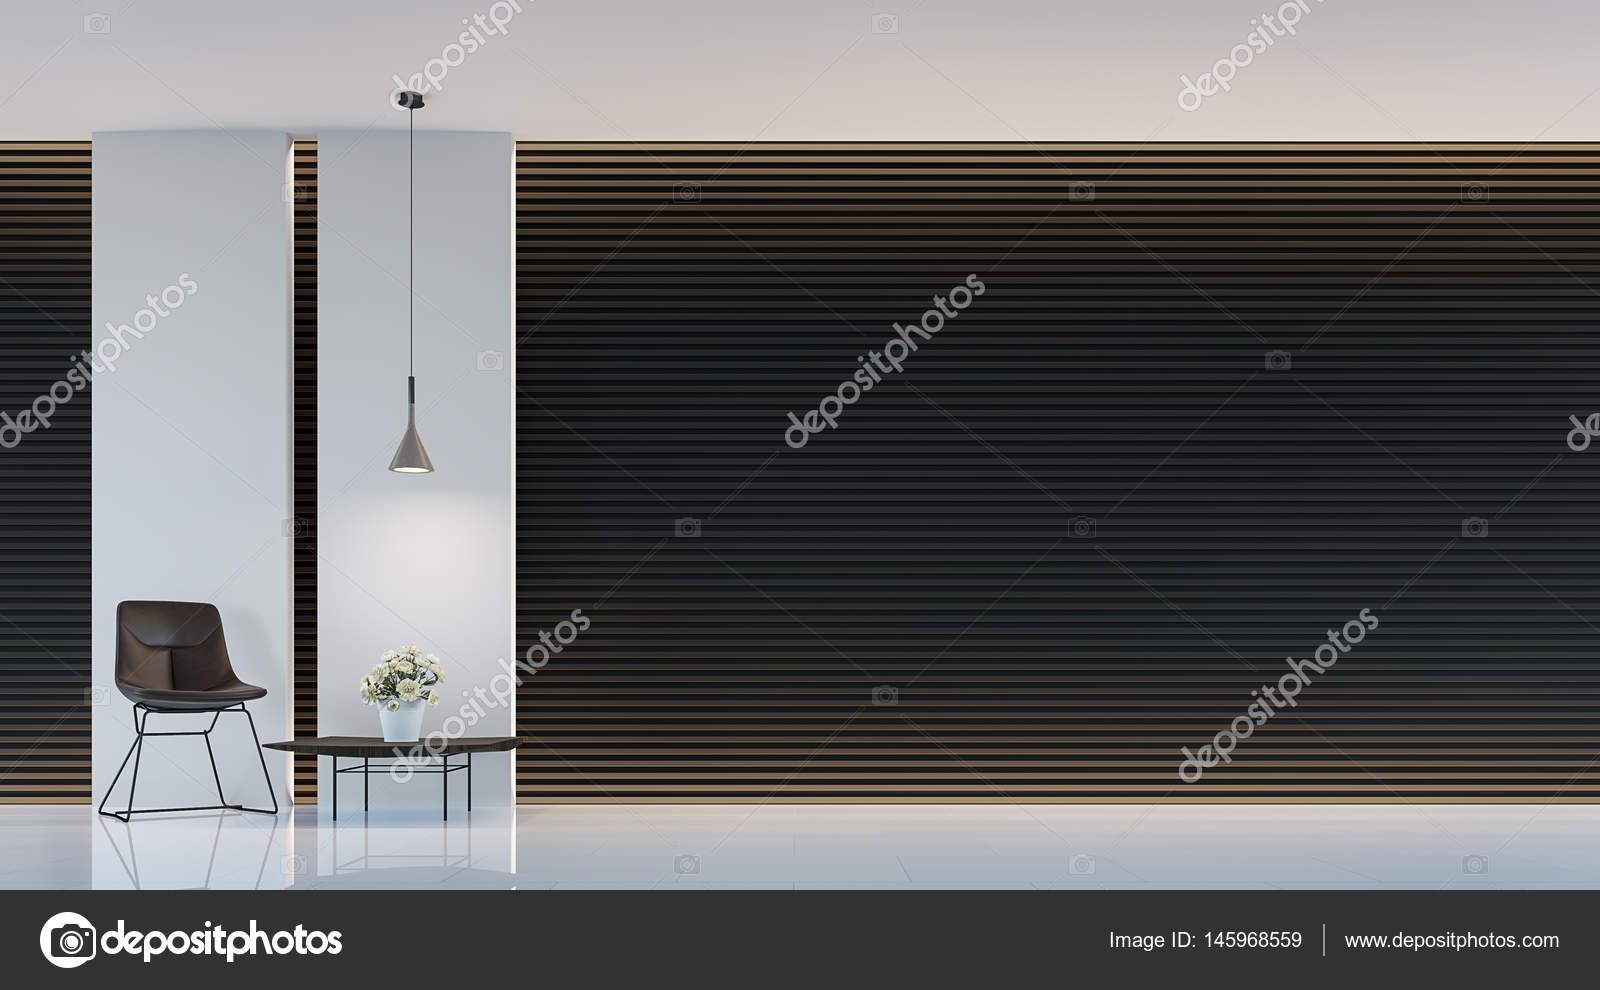 Modernen schwarz-weiß Wohnzimmer interior 3d Render Bild — Stockfoto ...